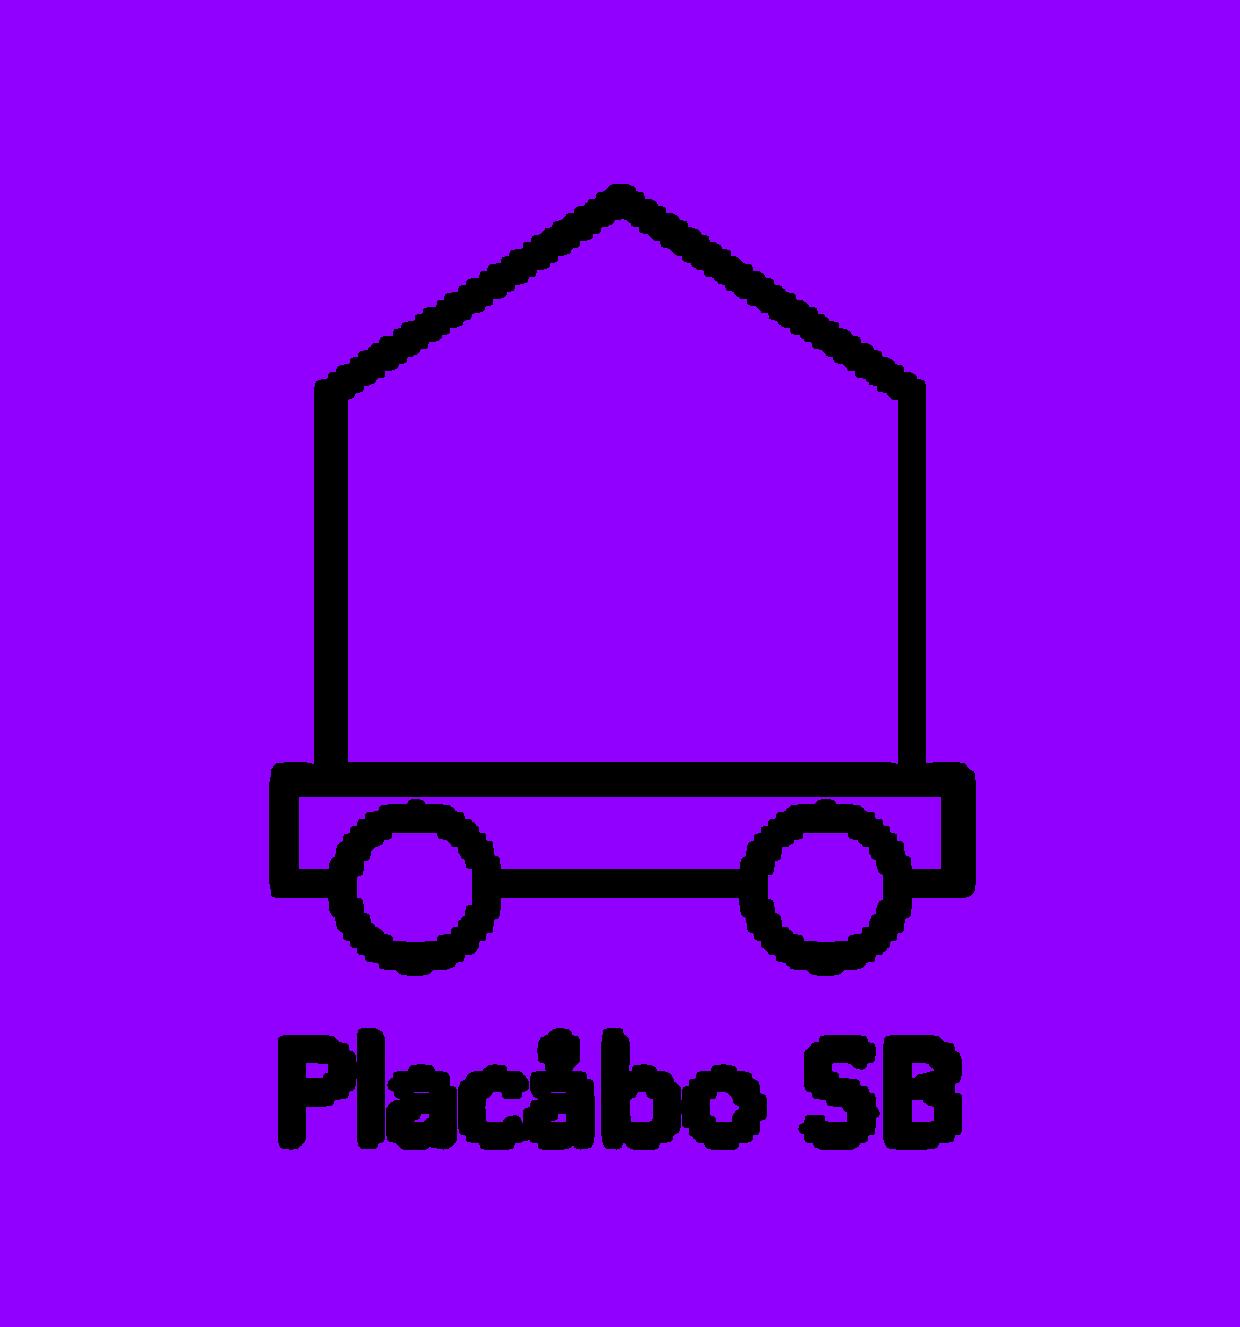 Placabo SB logo